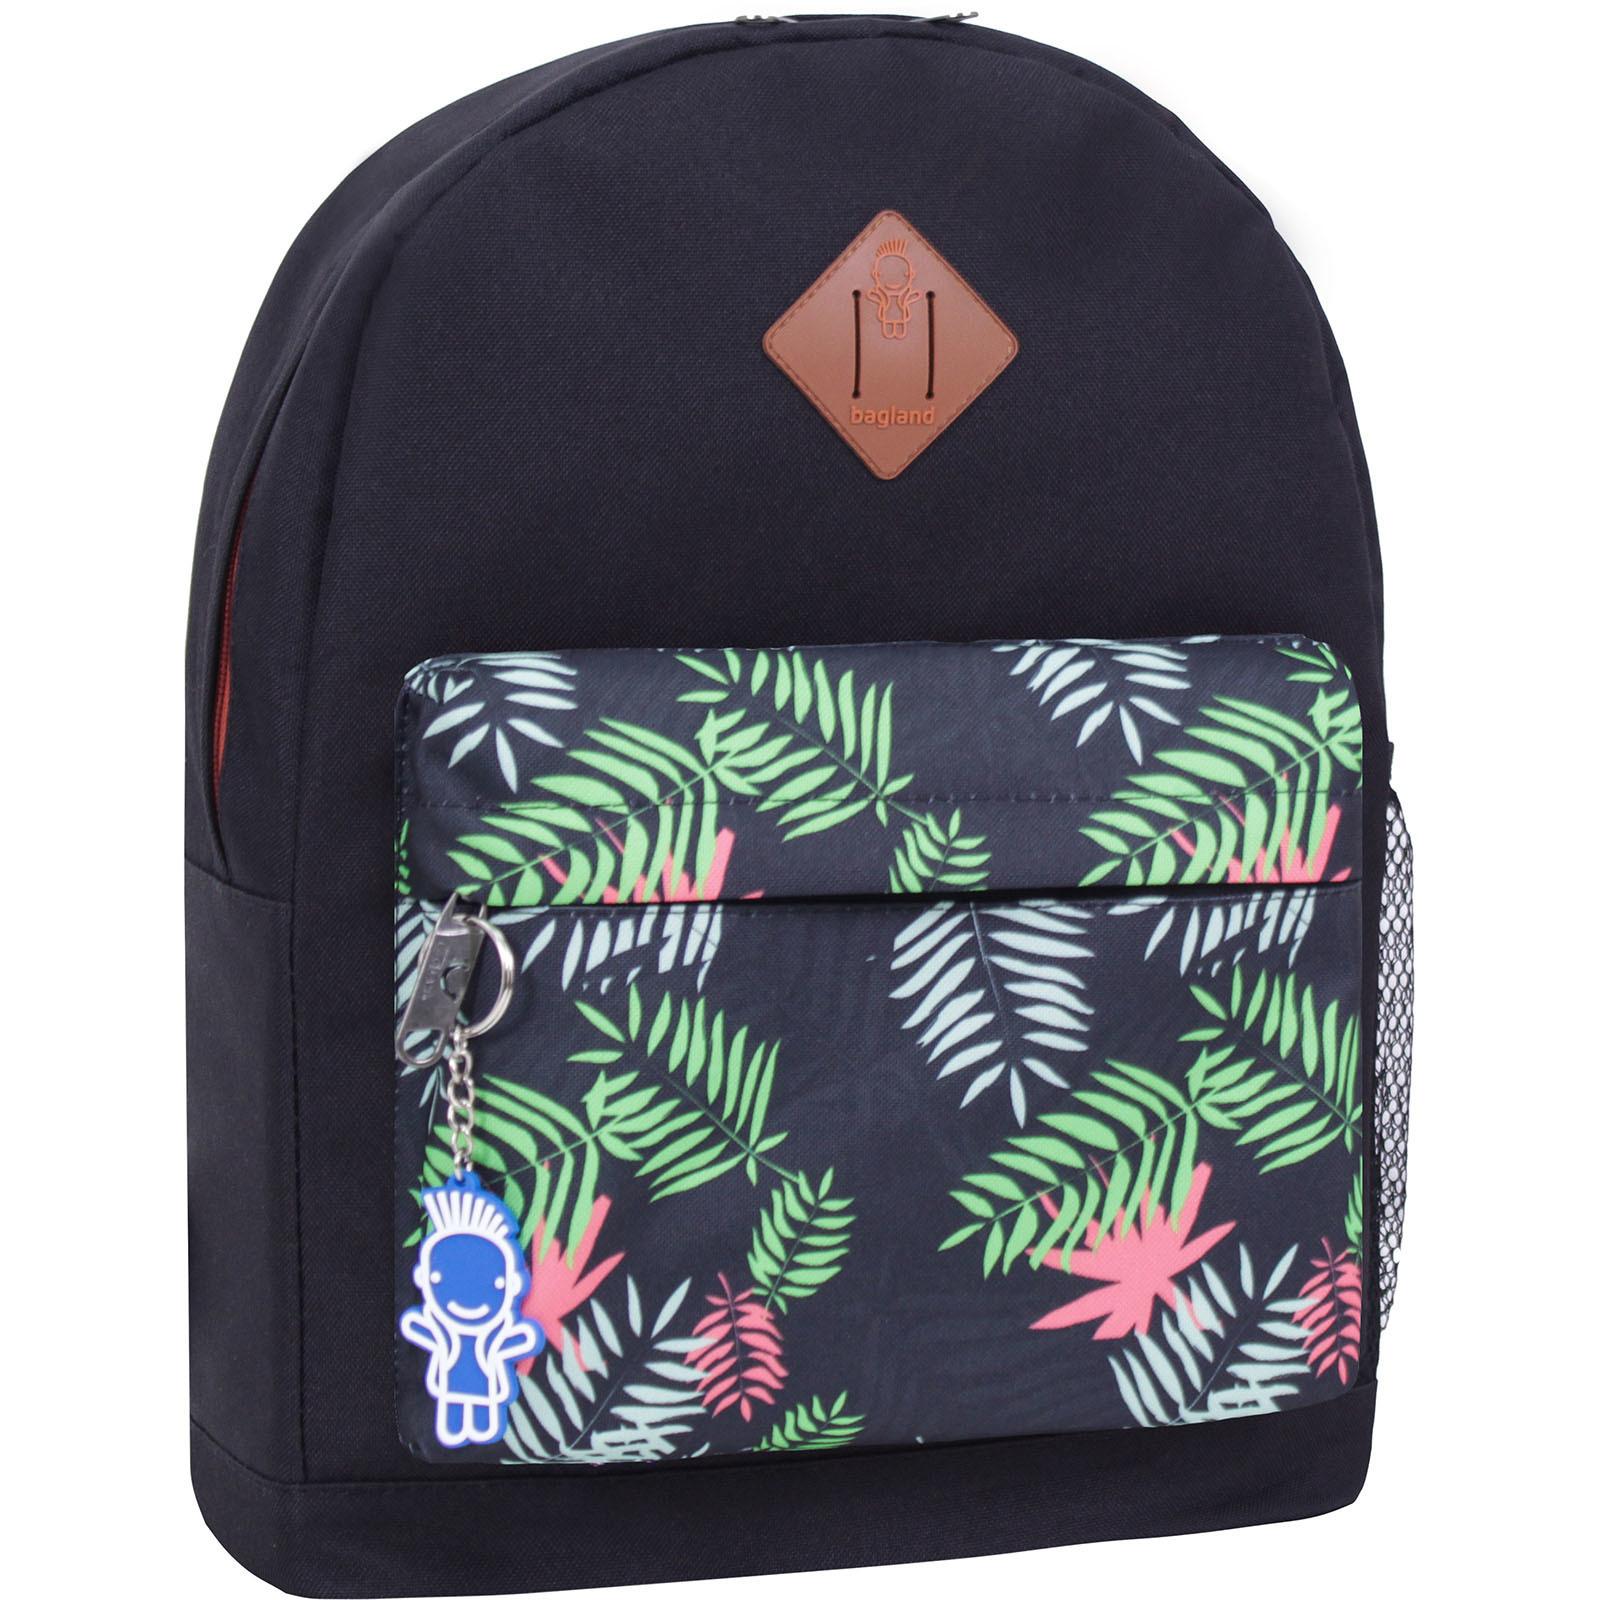 Городские рюкзаки Рюкзак Bagland Молодежный W/R 17 л. черный 467 (00533662) IMG_2541_467_-1600.jpg